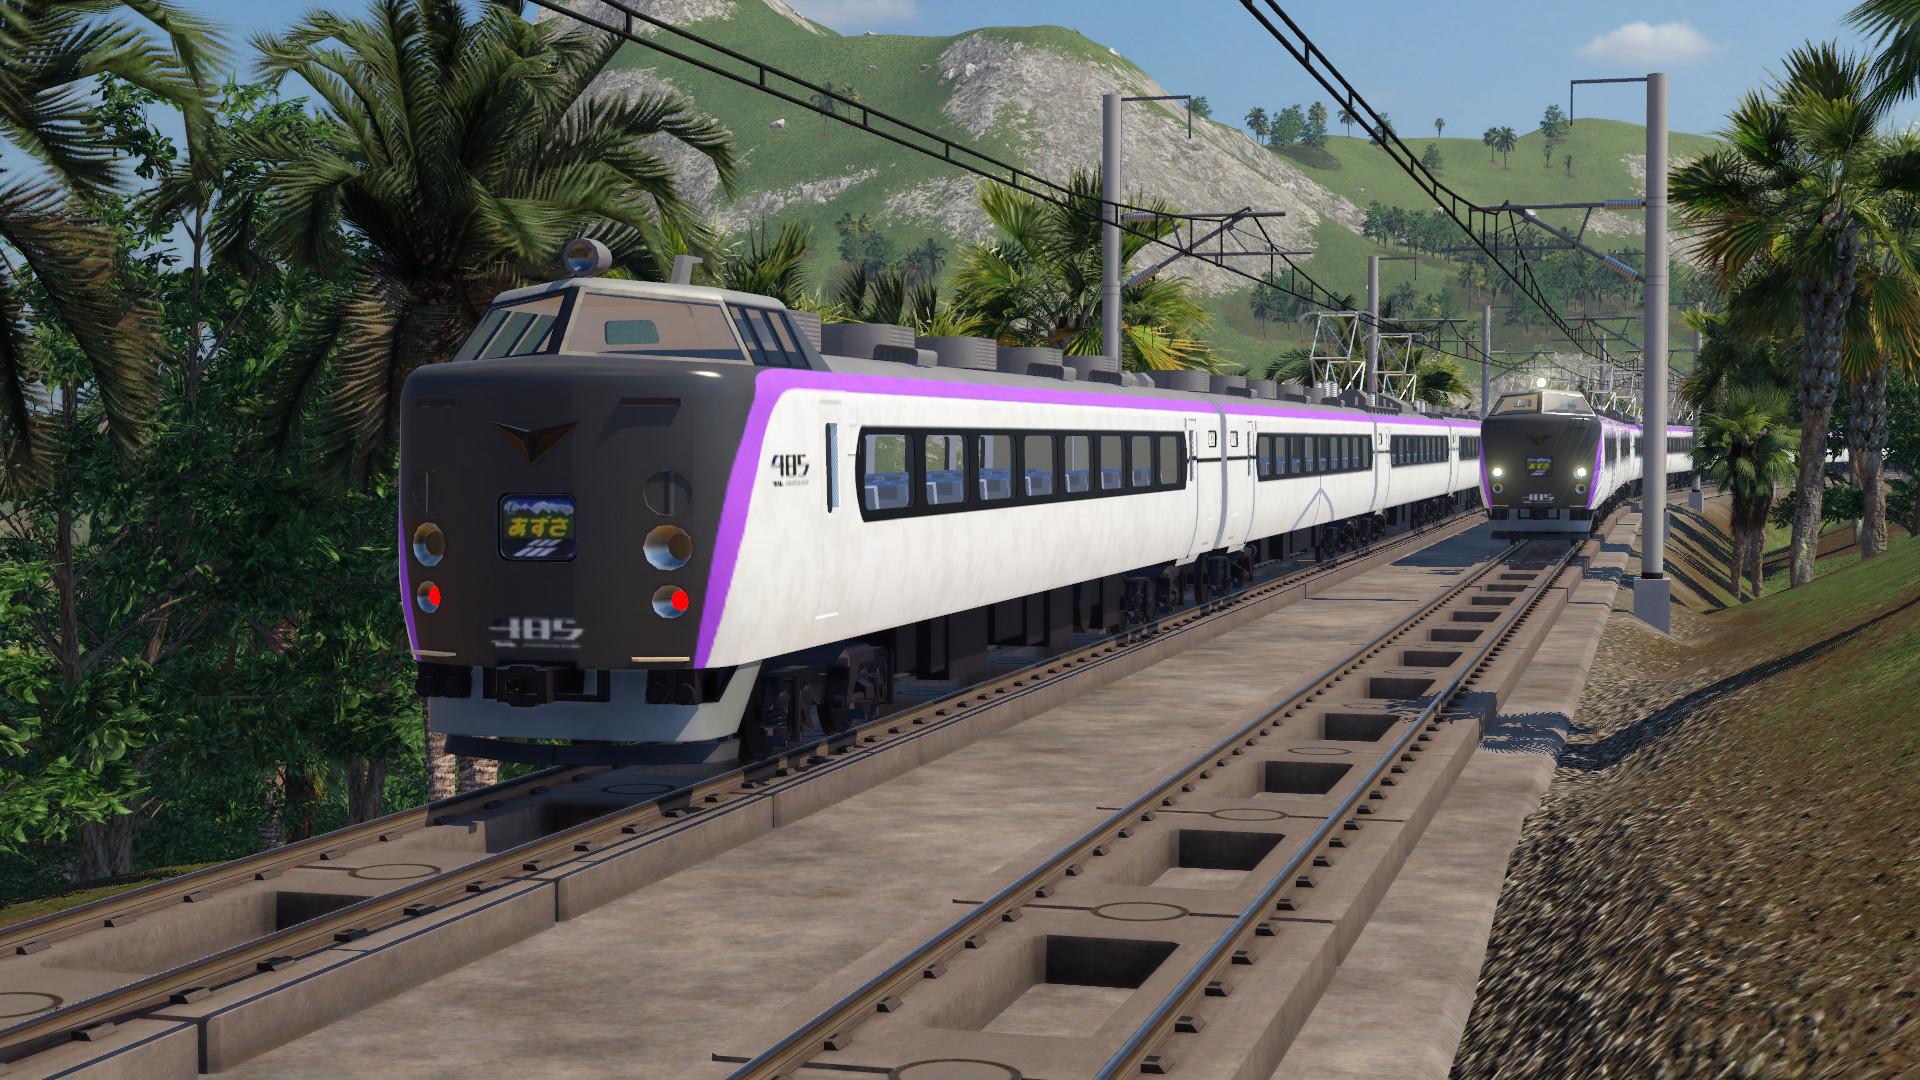 Transport Fever 2 - JNR 485 Series (E353 Livery)